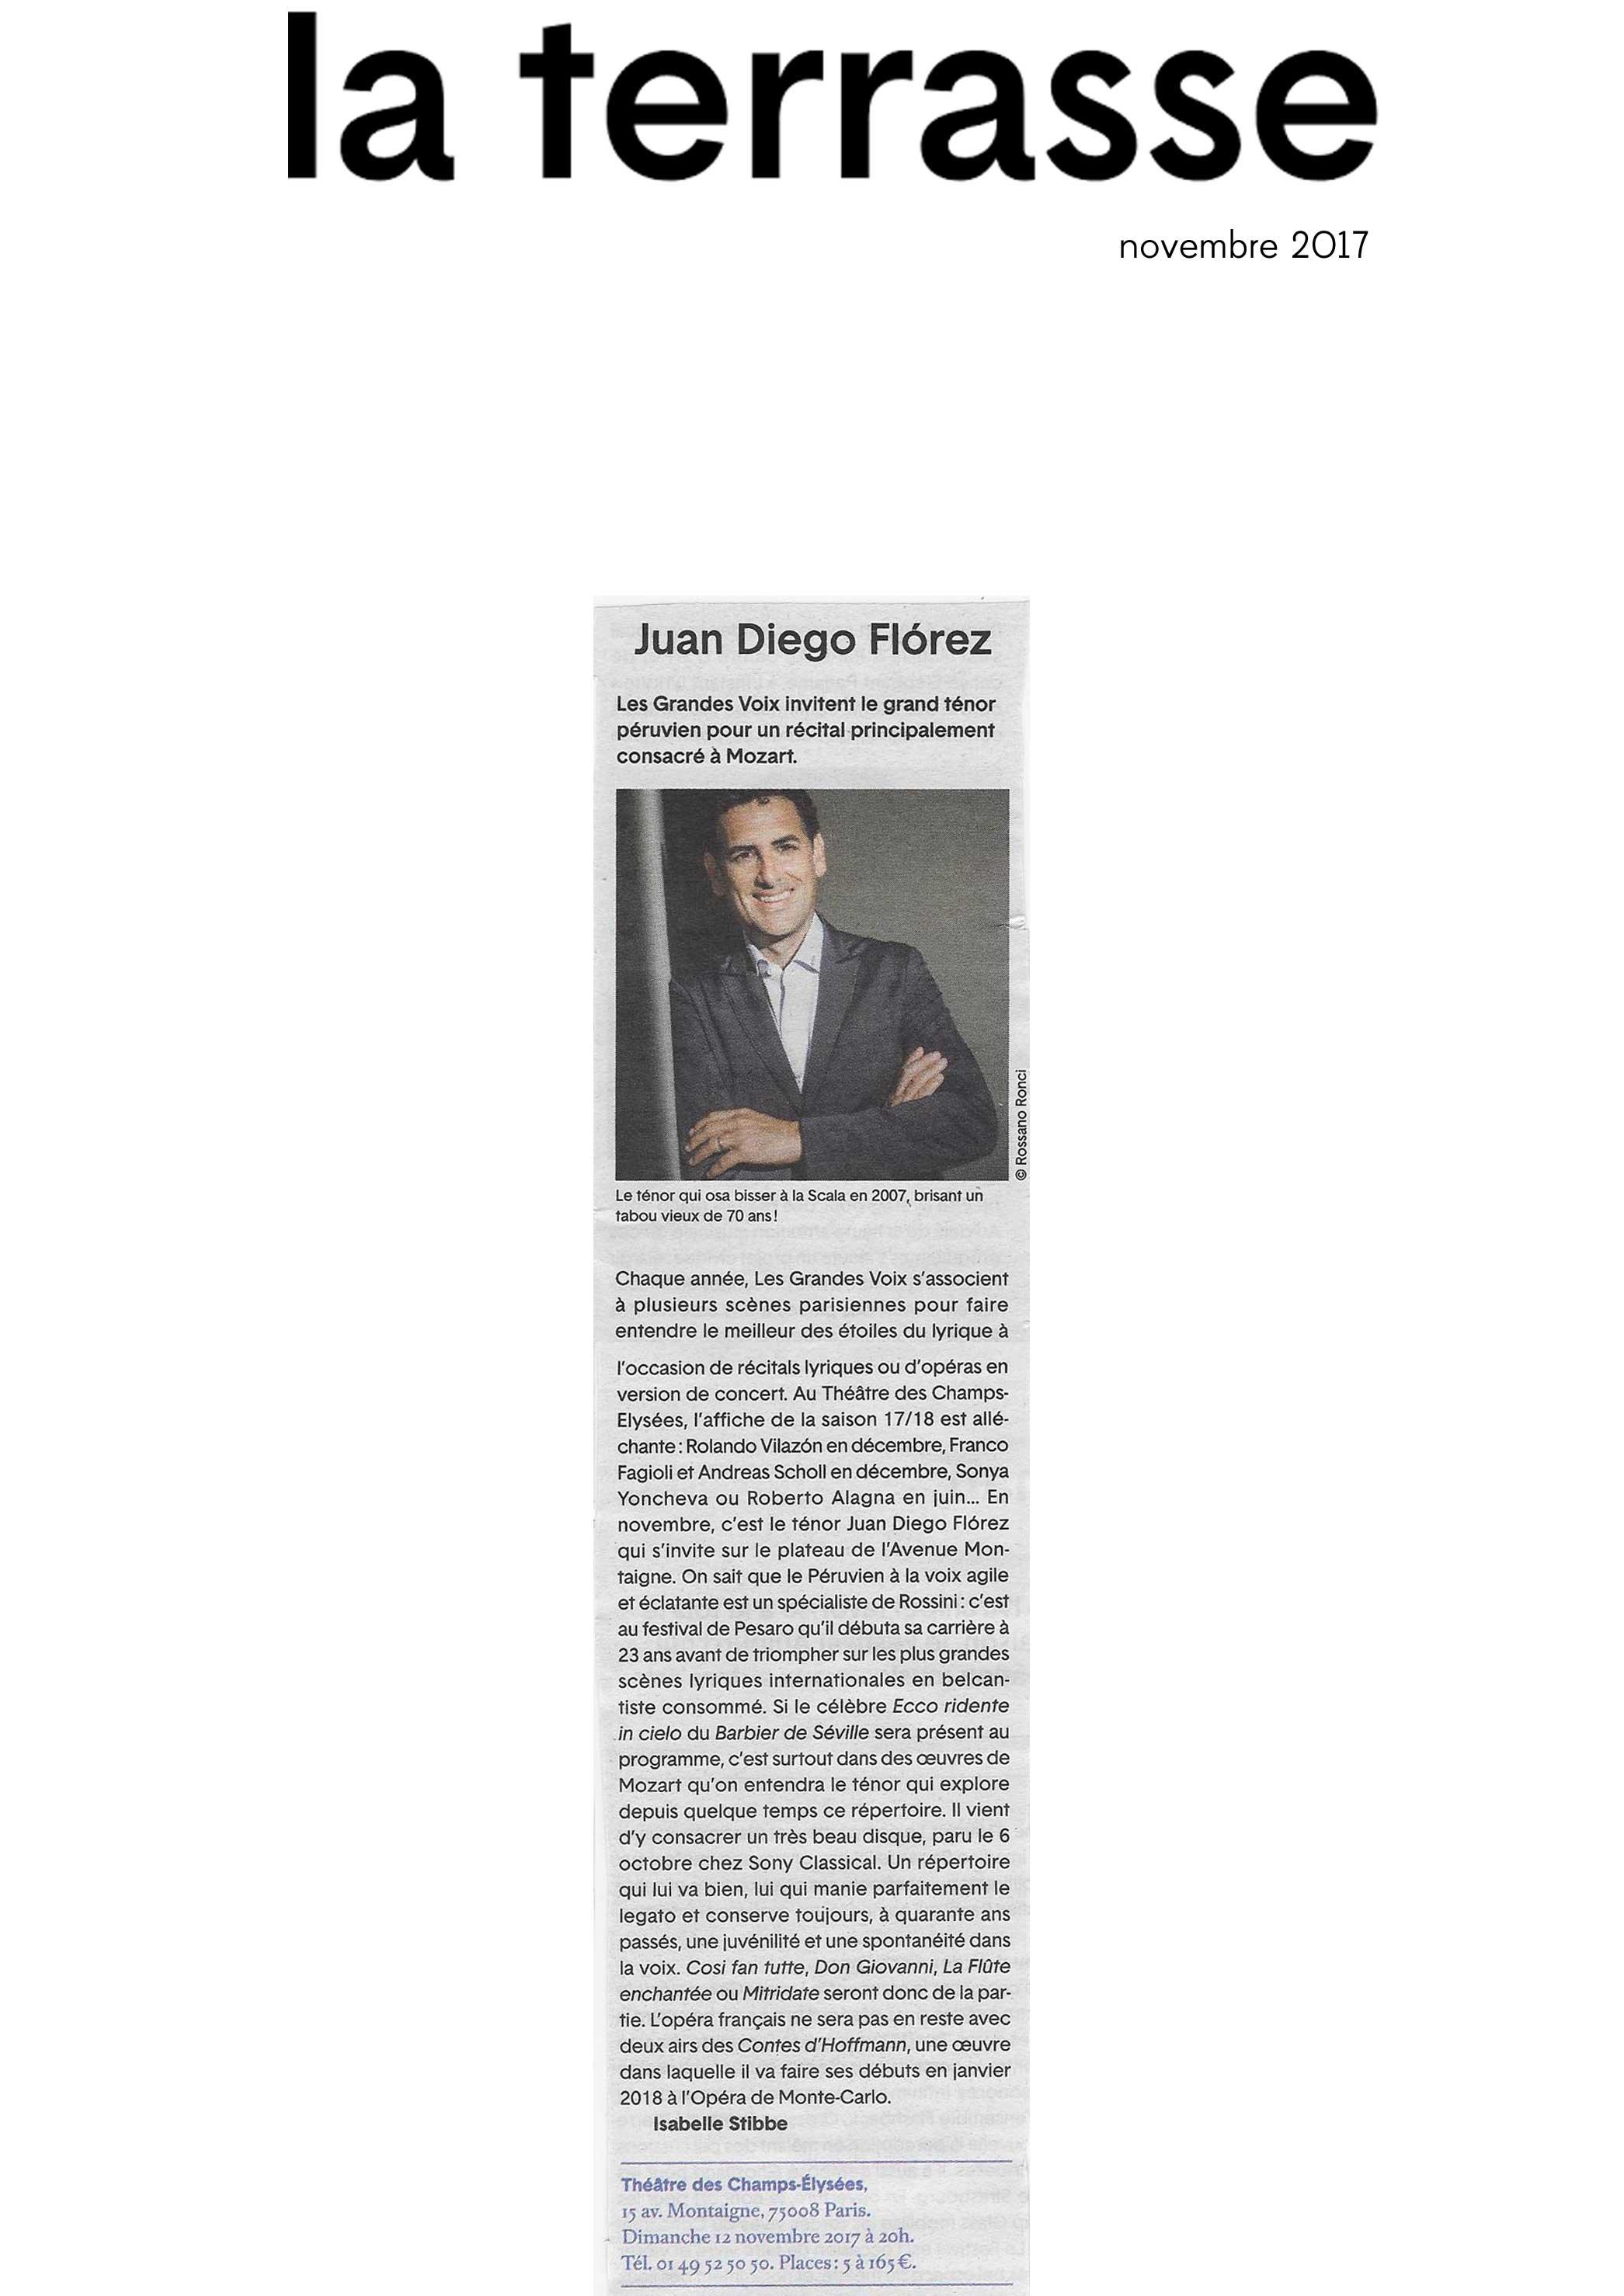 Annonce du récital de Juan Diego Flórez au Théâtre des Champs-Elysées le 12 novembre 2017 dans le numéro de La Terrasse de novembre 2017.